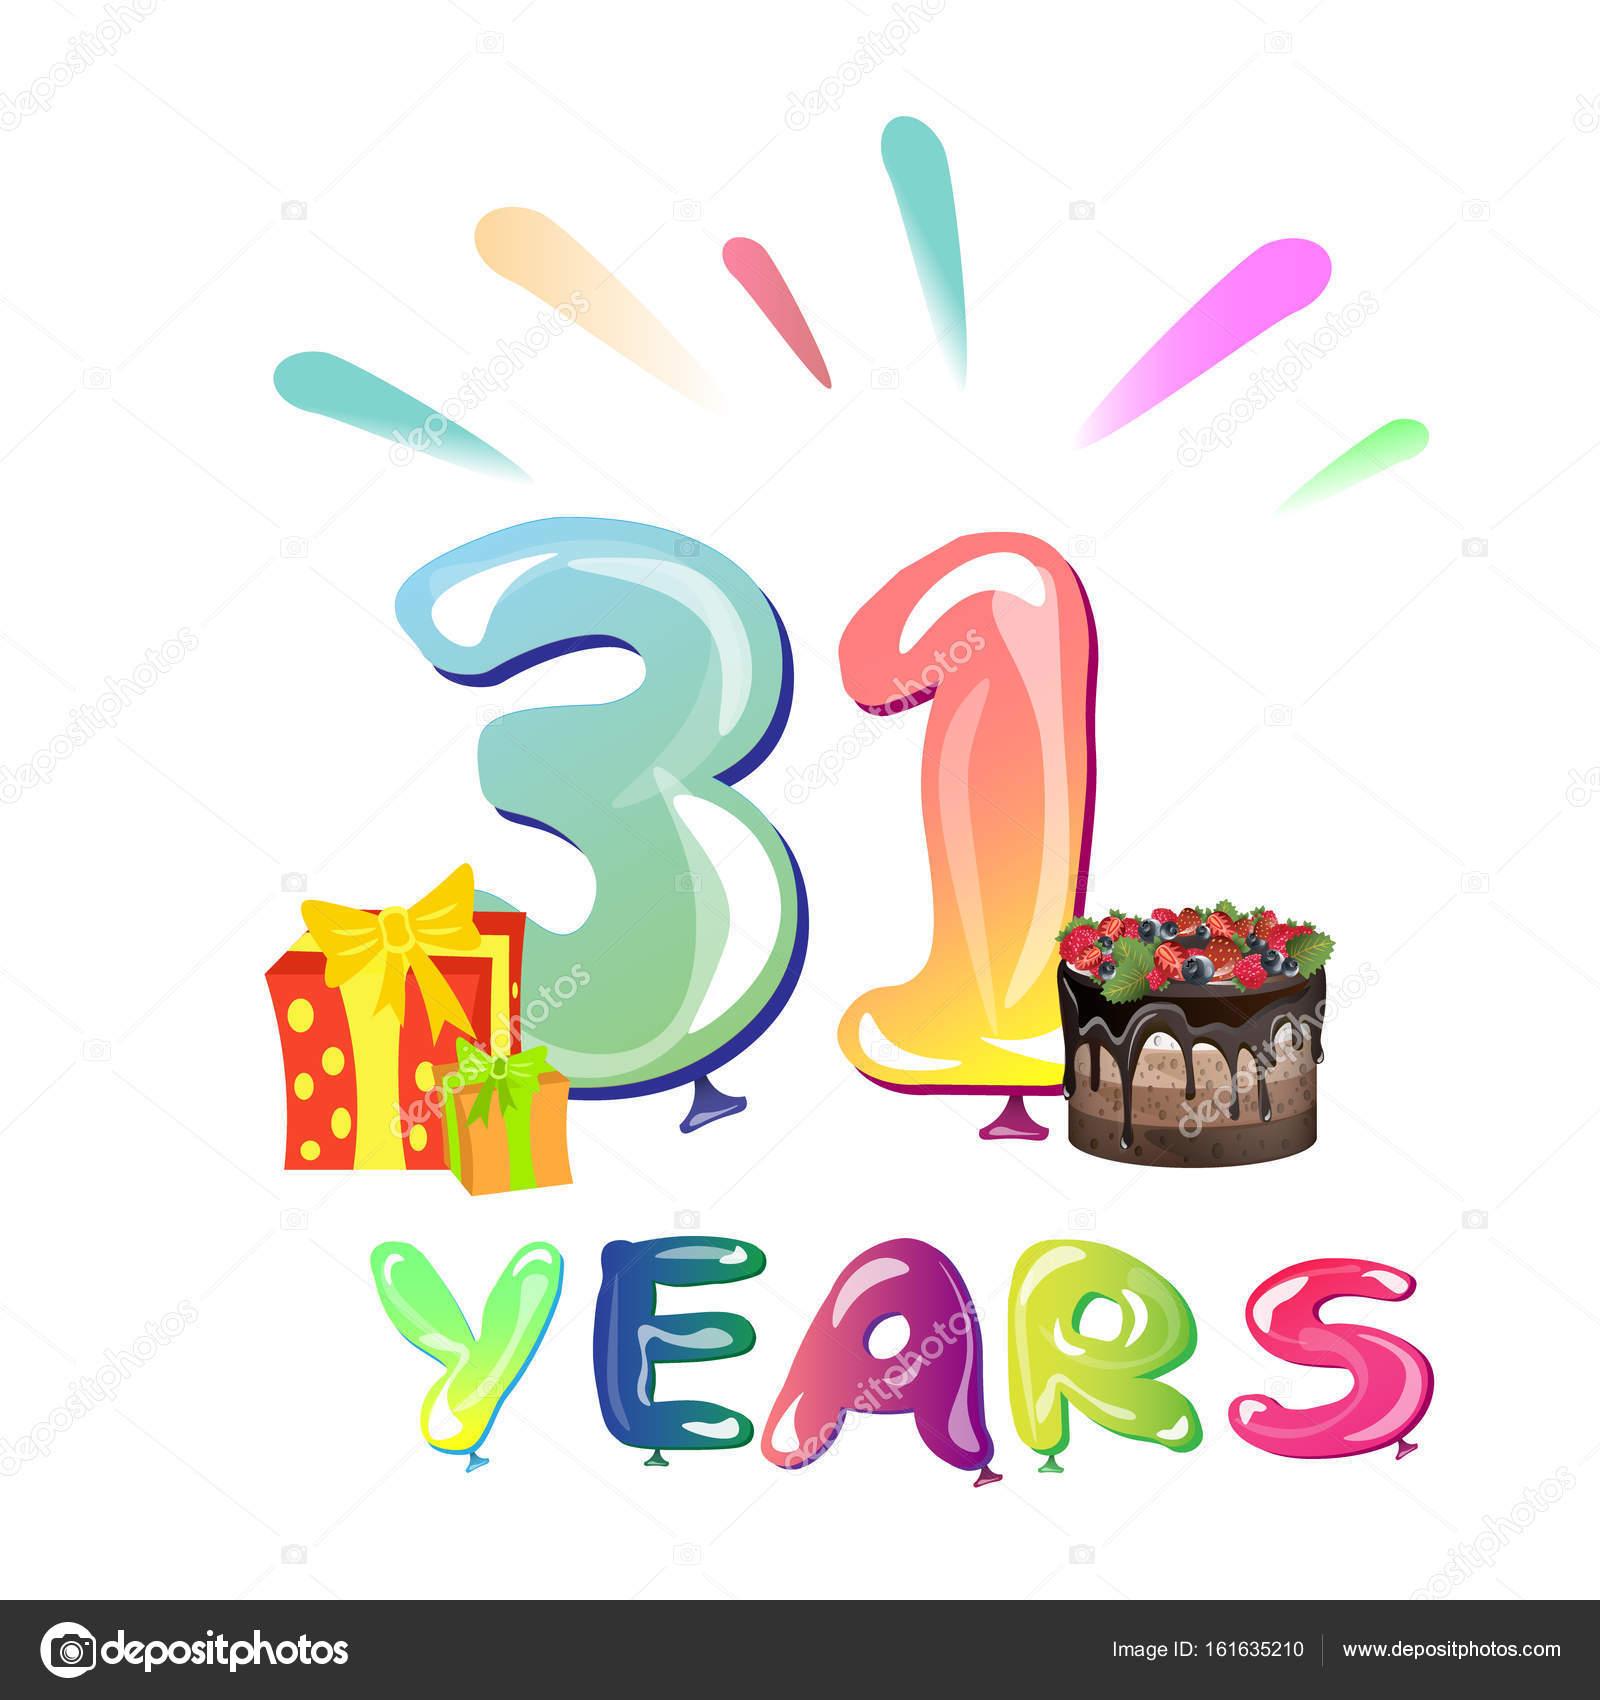 Открытки 31 год день рождения